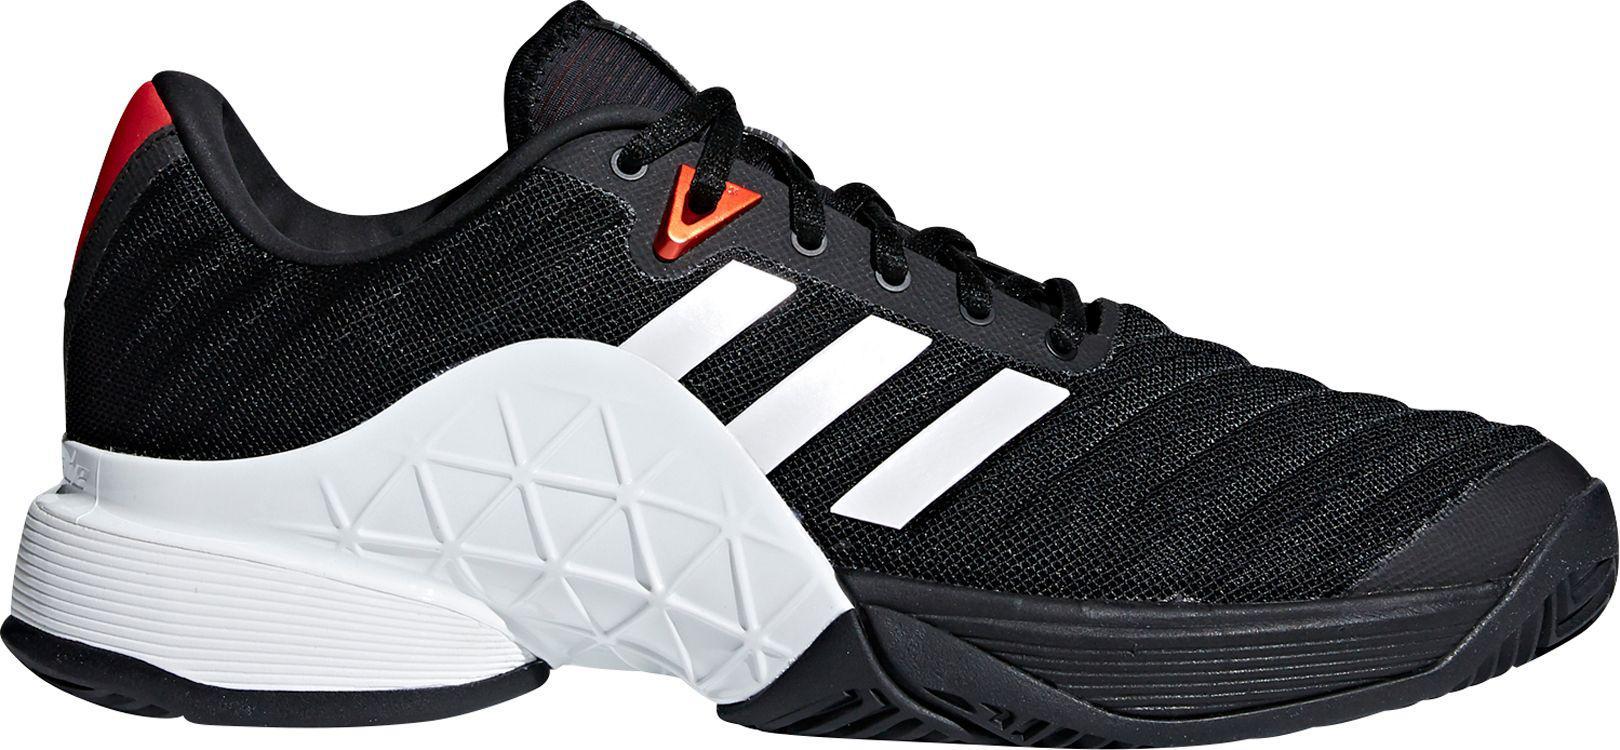 lyst adidas arricade 2018 scarpe da tennis in nero per gli uomini.